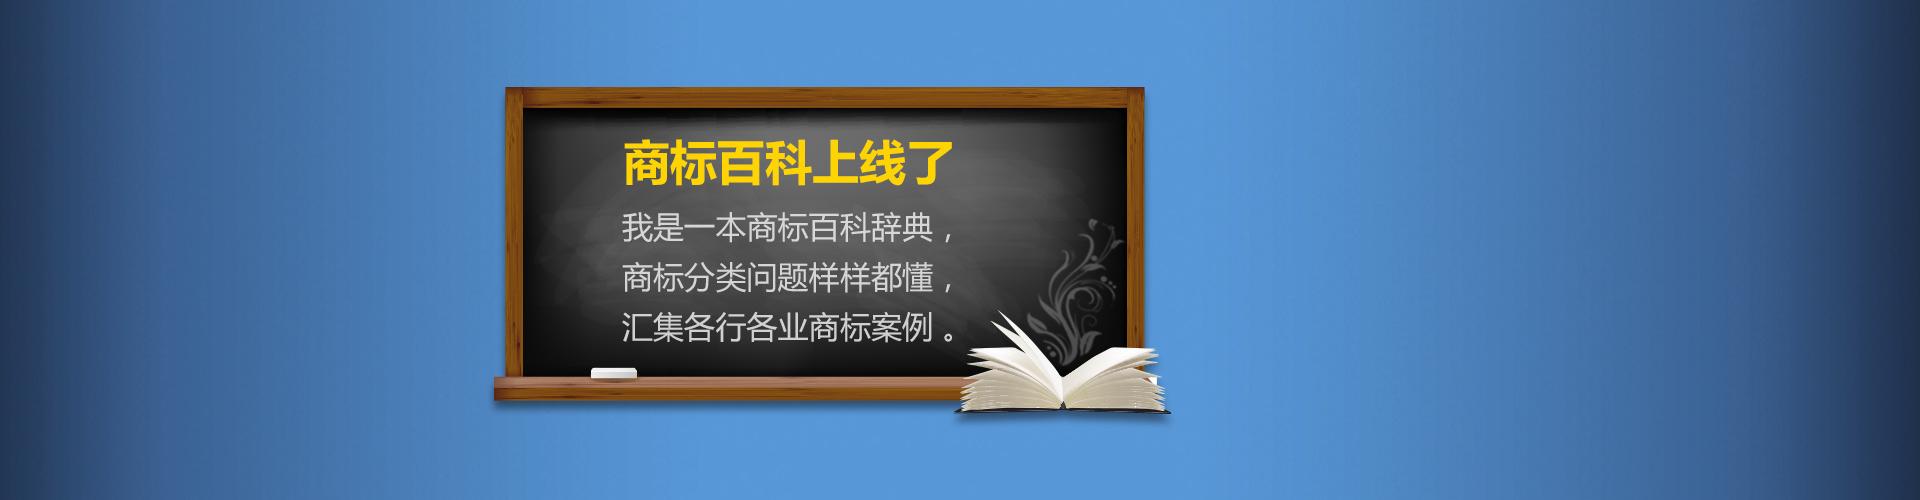 商標百科_商標注冊申請_商標分類_商標查詢網站_一品標局